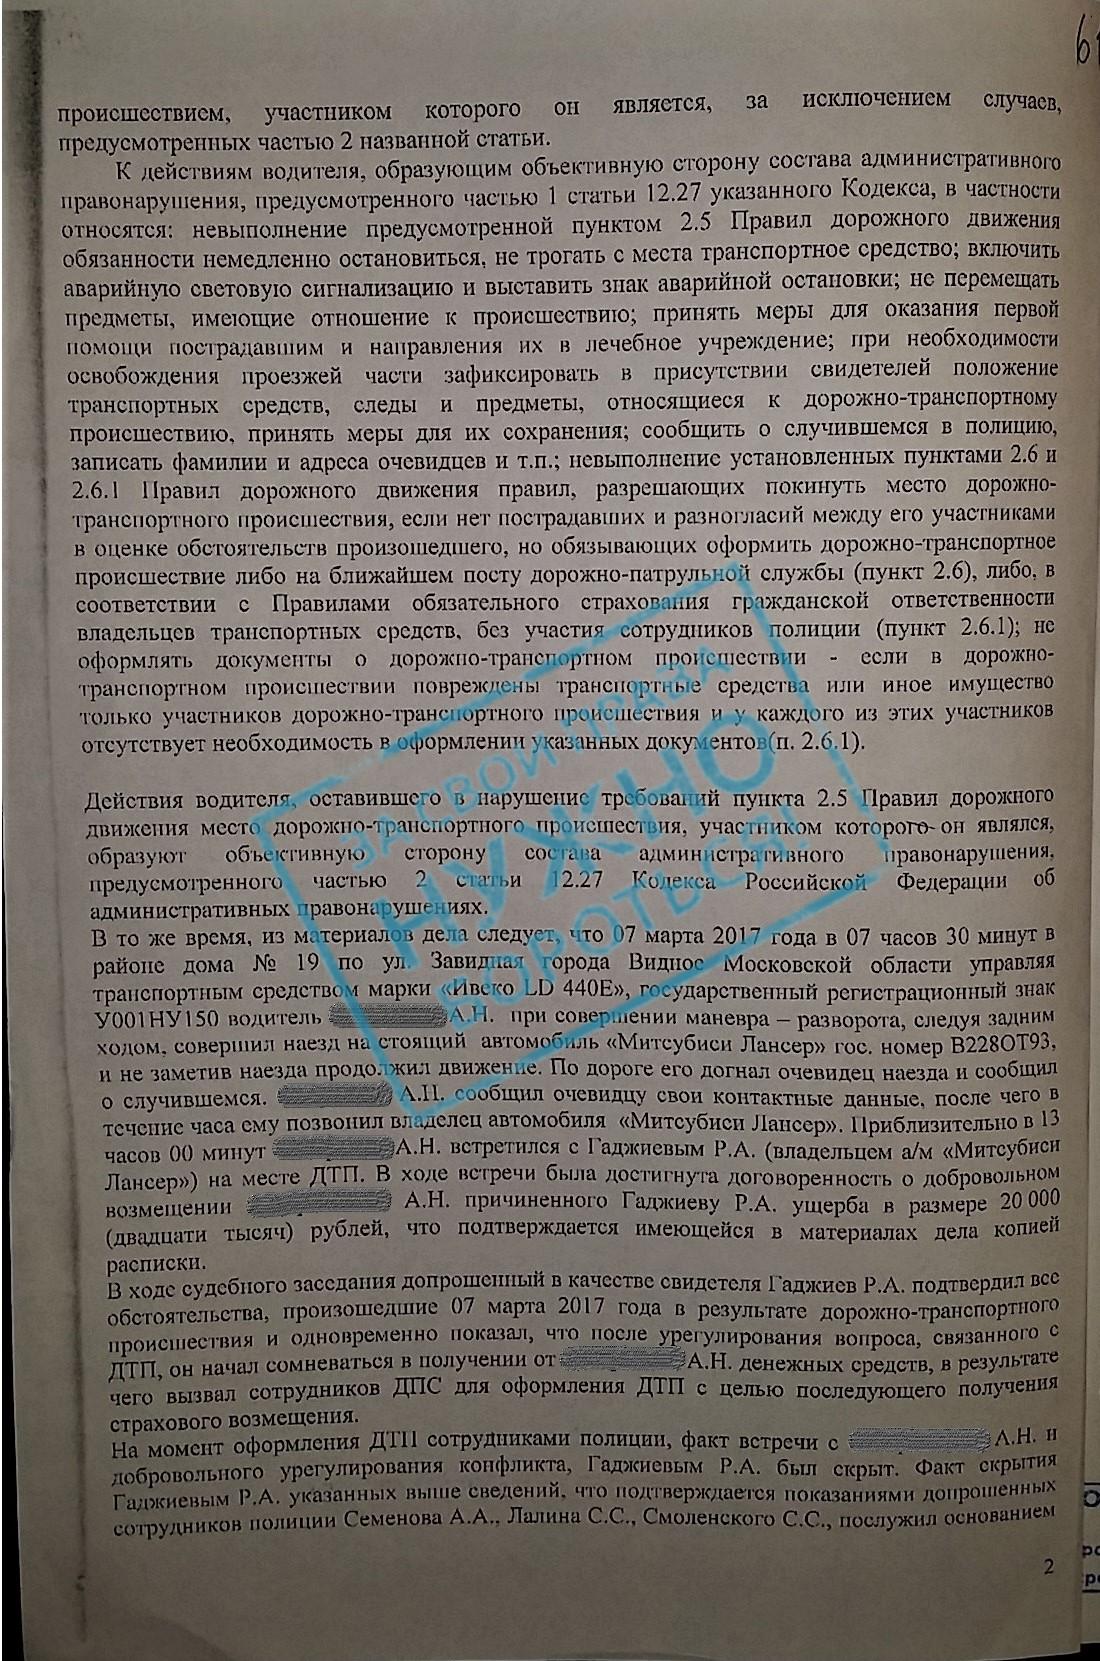 Оставление места ДТП (ст. 12.27 ч.2 КоАП) дело прекращено, возврат прав (л. 2)